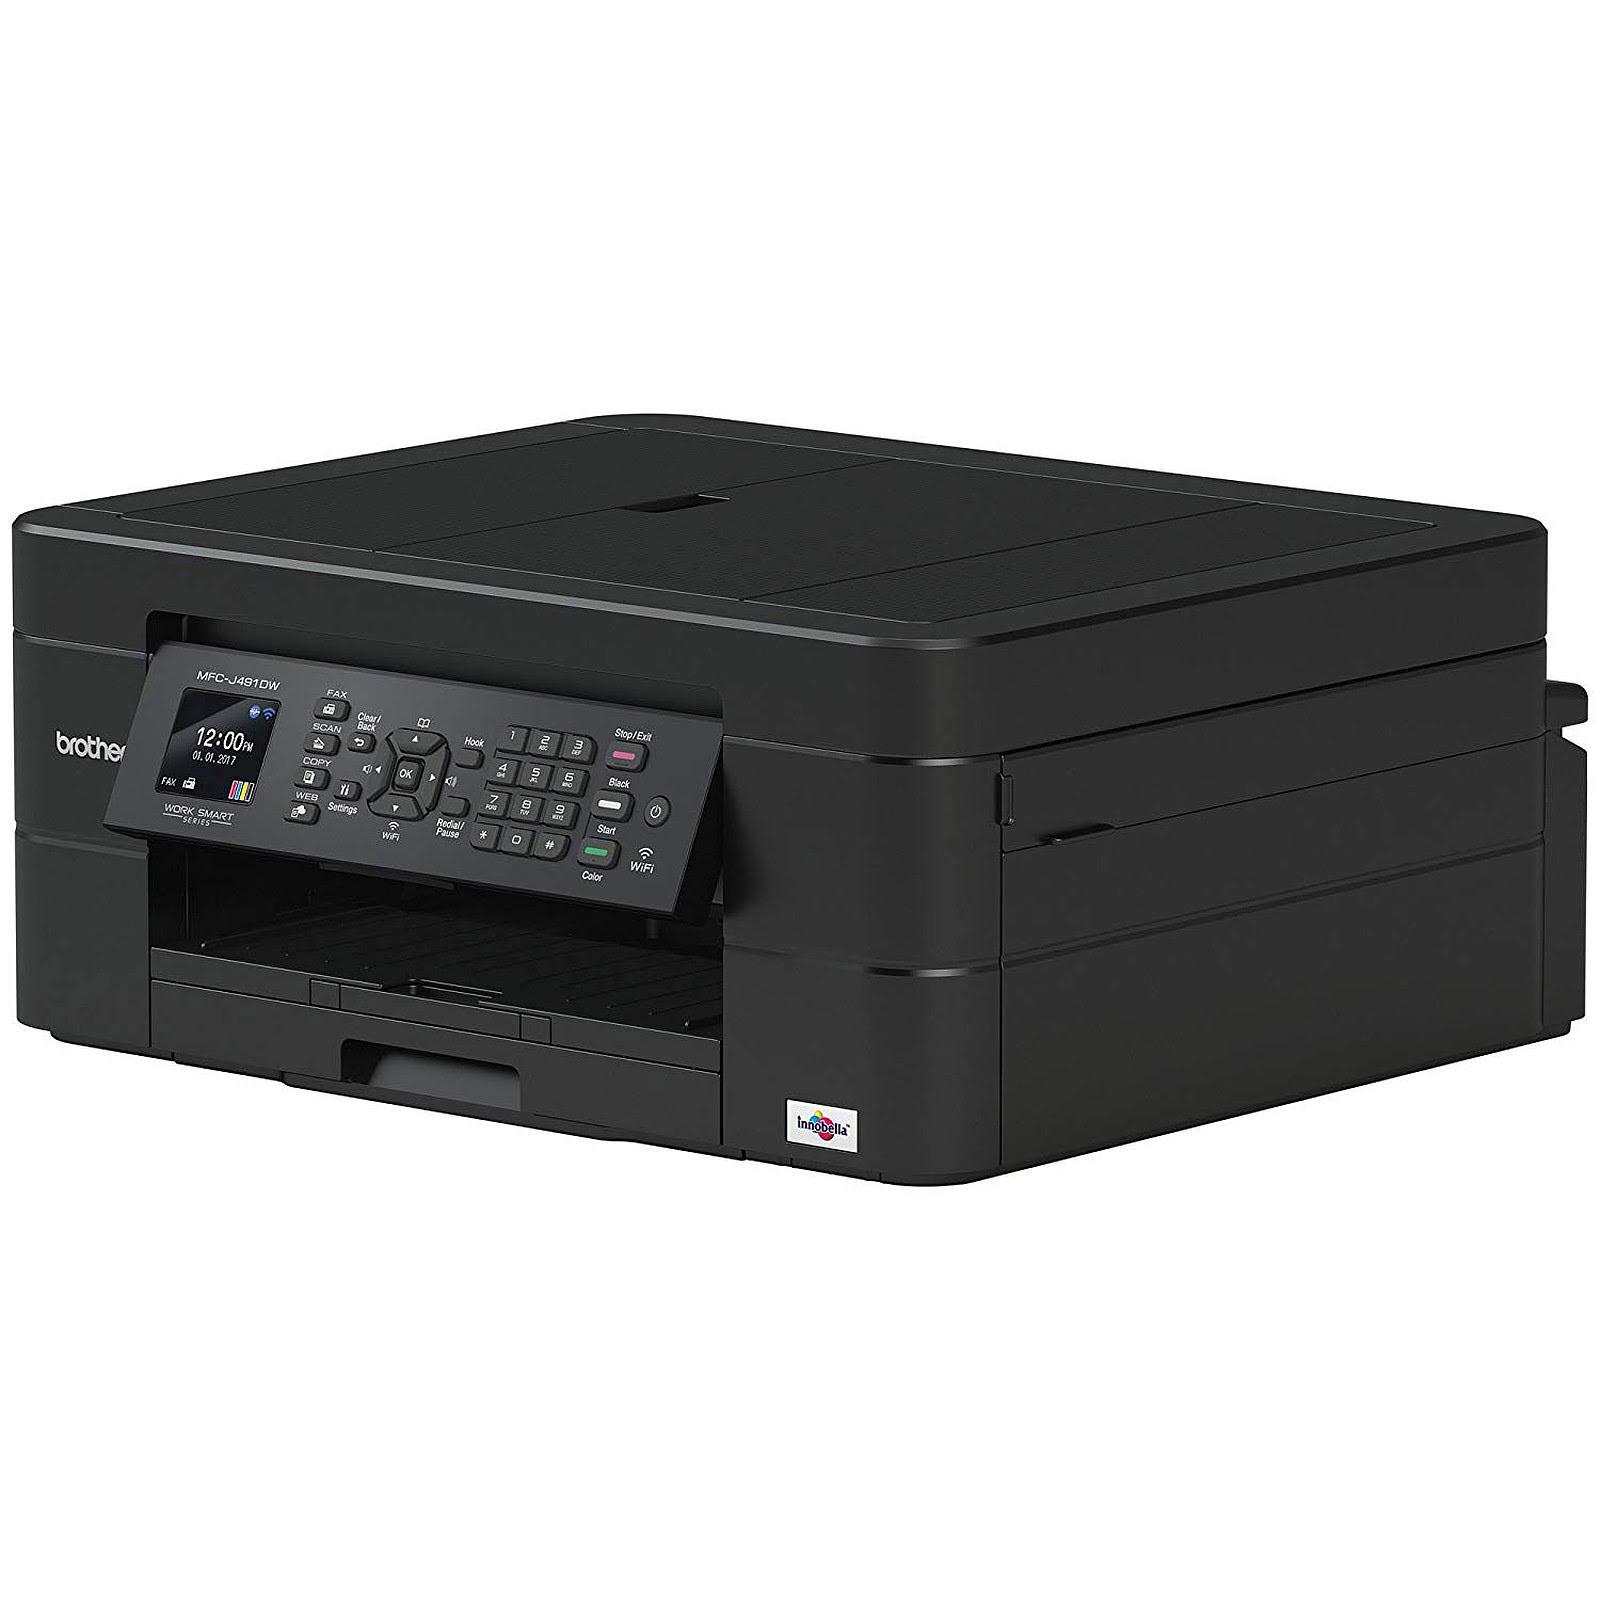 MFC-J491DW (MFCJ491DWF1) - Achat / Vente Imprimante multifonction sur Picata.fr - 1